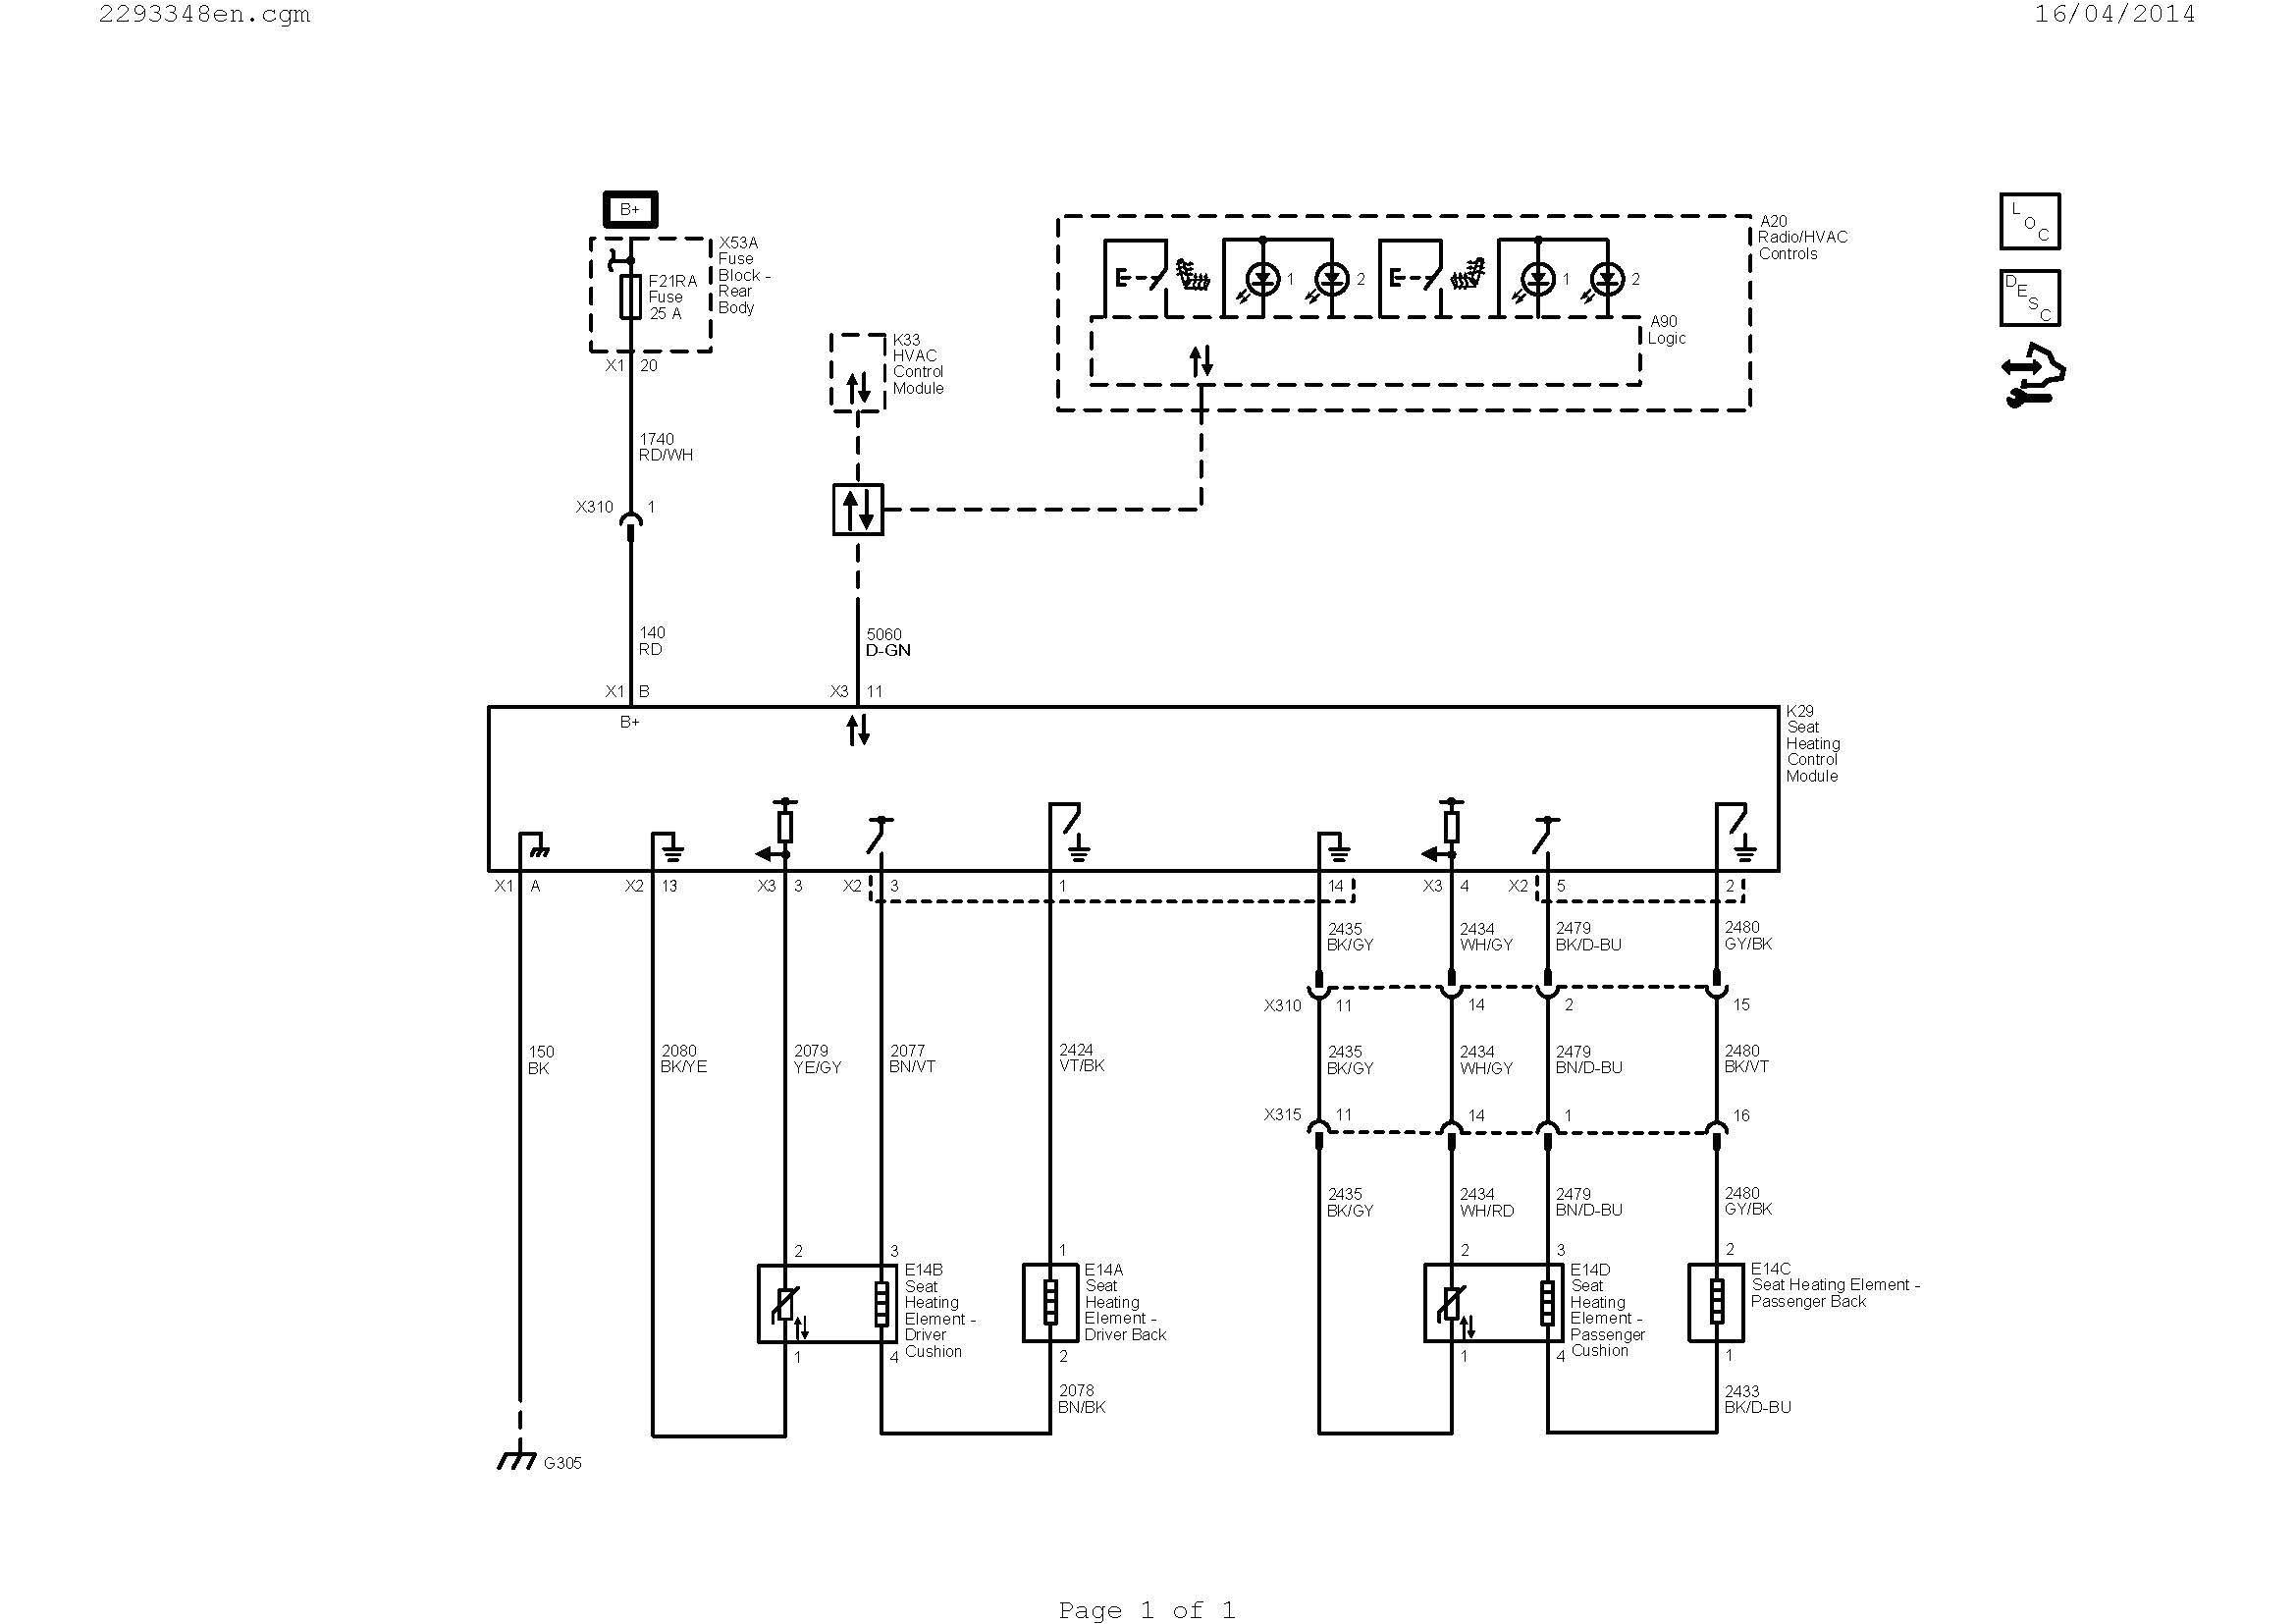 bmw x3 stereo wiring schema diagram database2004 bmw x3 wiring diagram wiring diagram name 2005 bmw